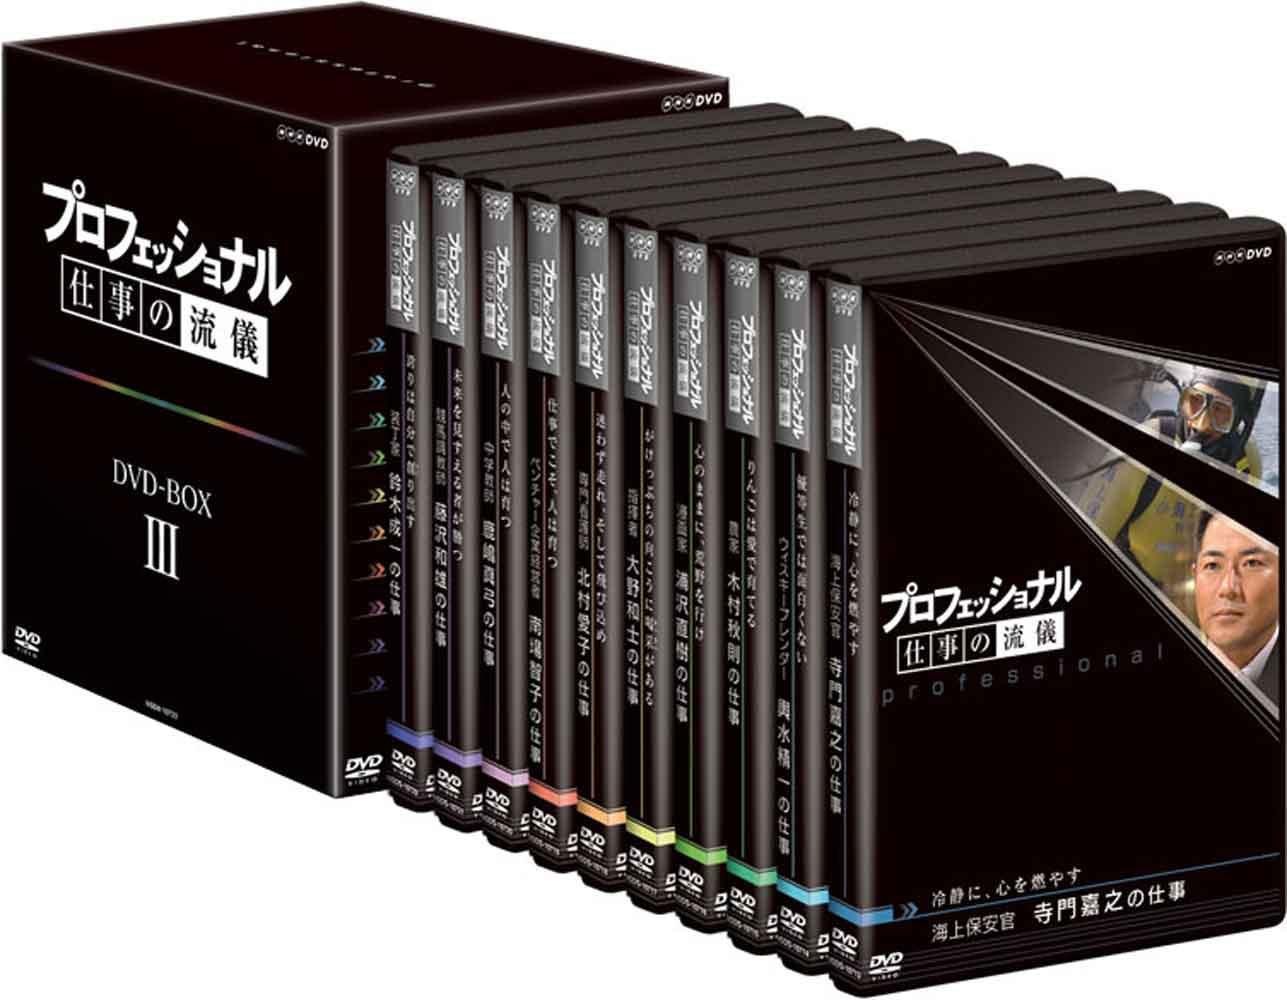 プロフェッショナル 仕事の流儀 第3期 DVD-BOX